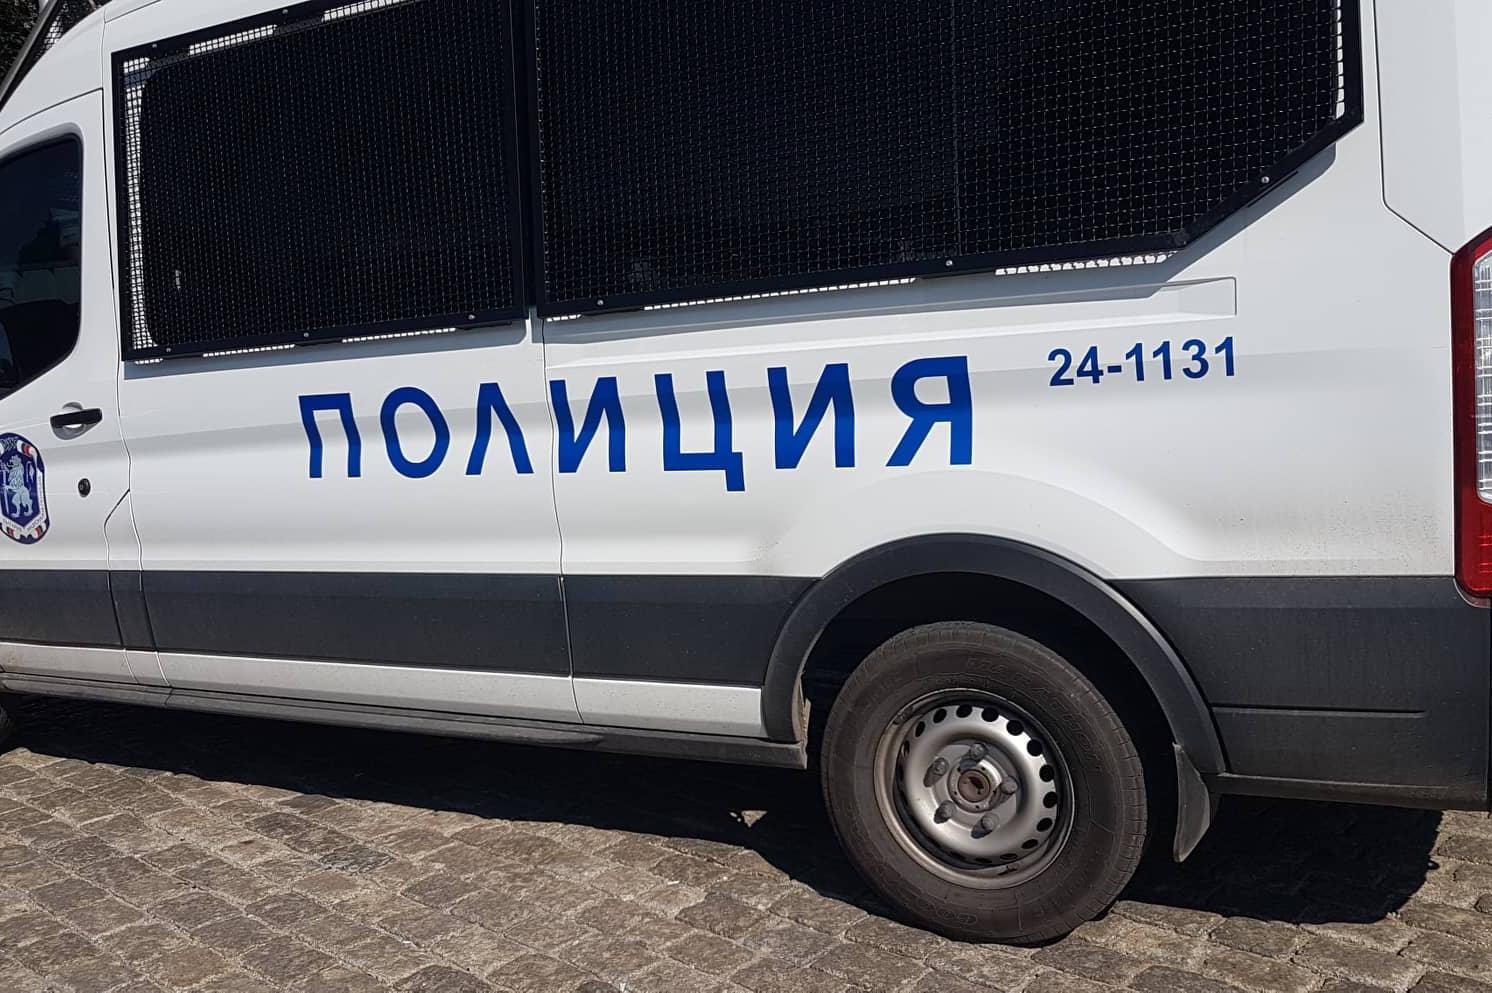 """Двама отвлякоха жена от бул. """"Янко Сакъзов"""", задържаха ги"""